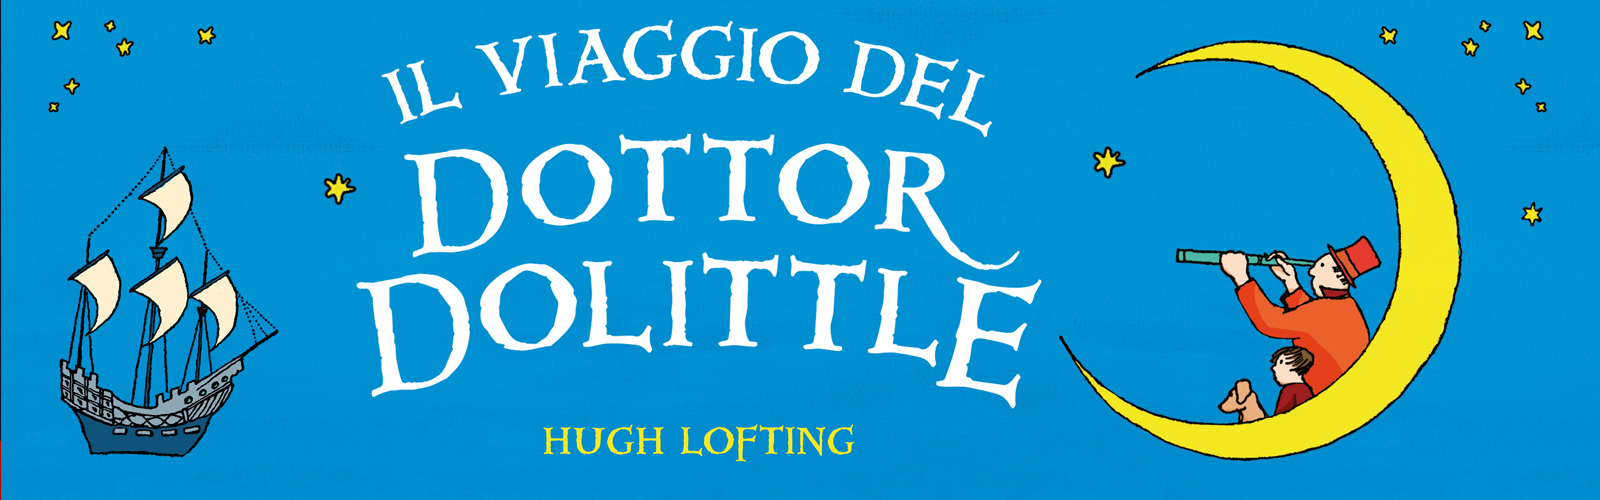 slider VIAGGIO DOTTOR DOLITTLE